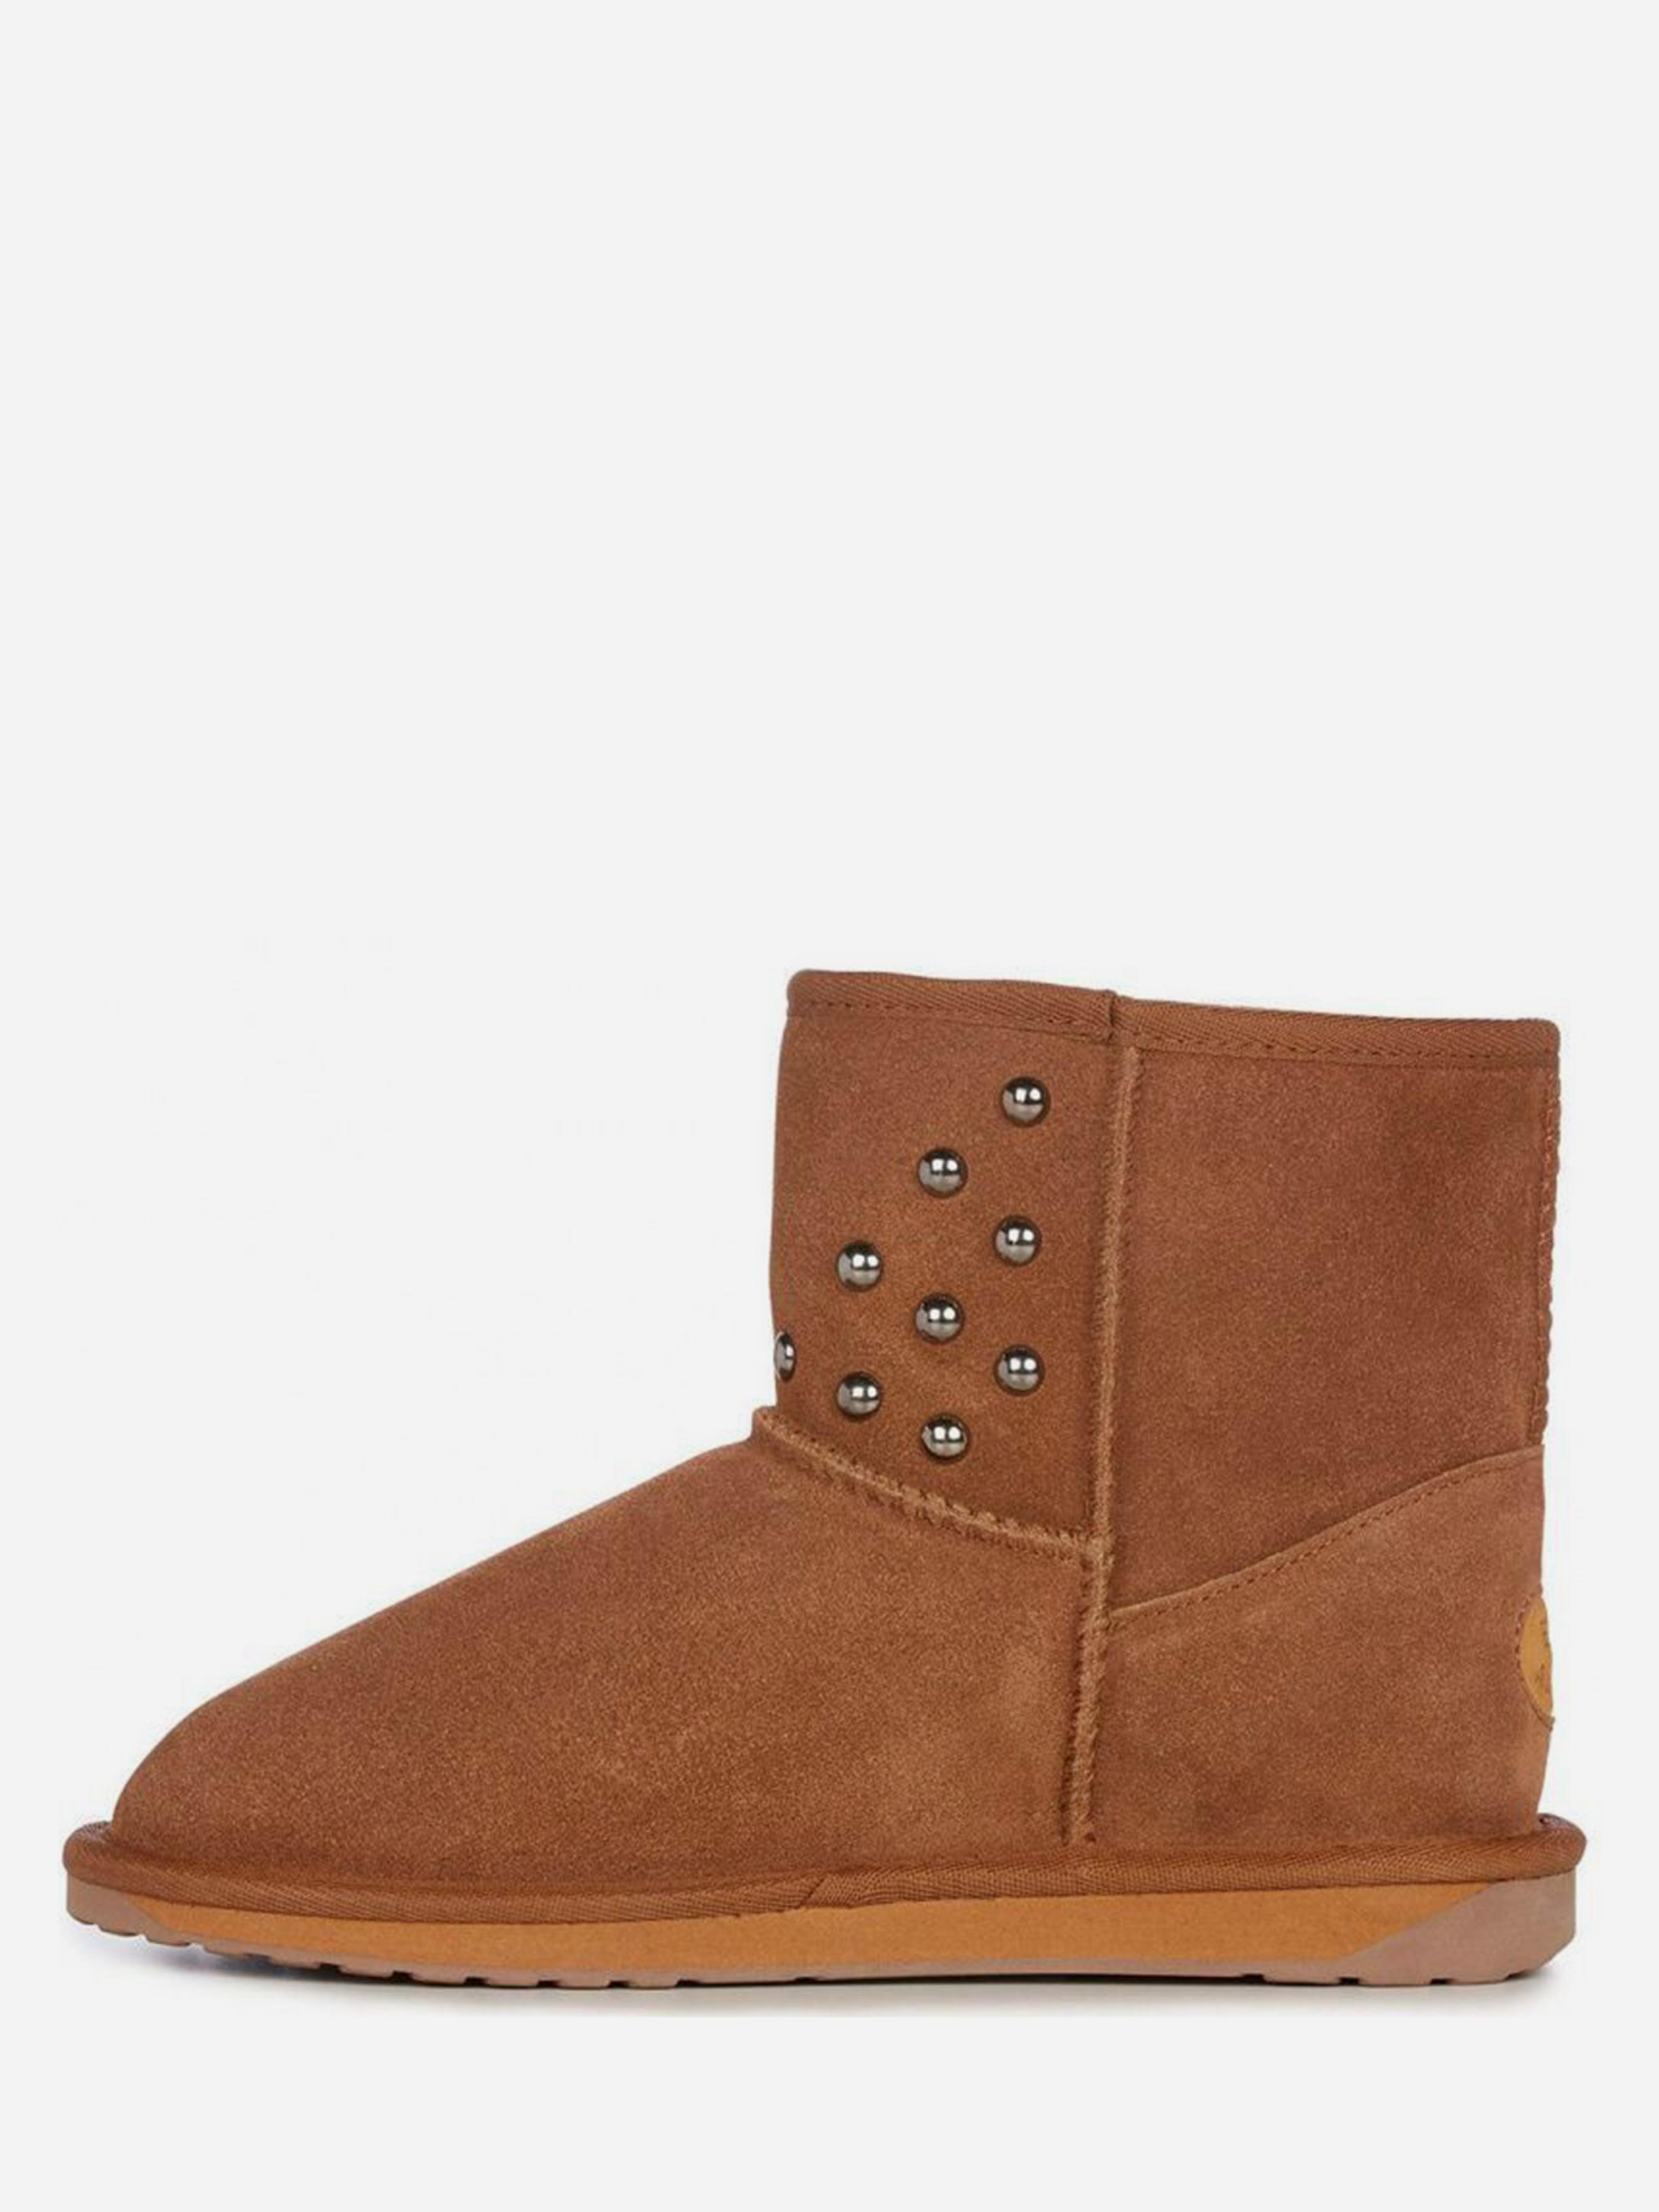 Черевики  жіночі EMU черевики жін. (5-10) W11885-chestnut продаж, 2017